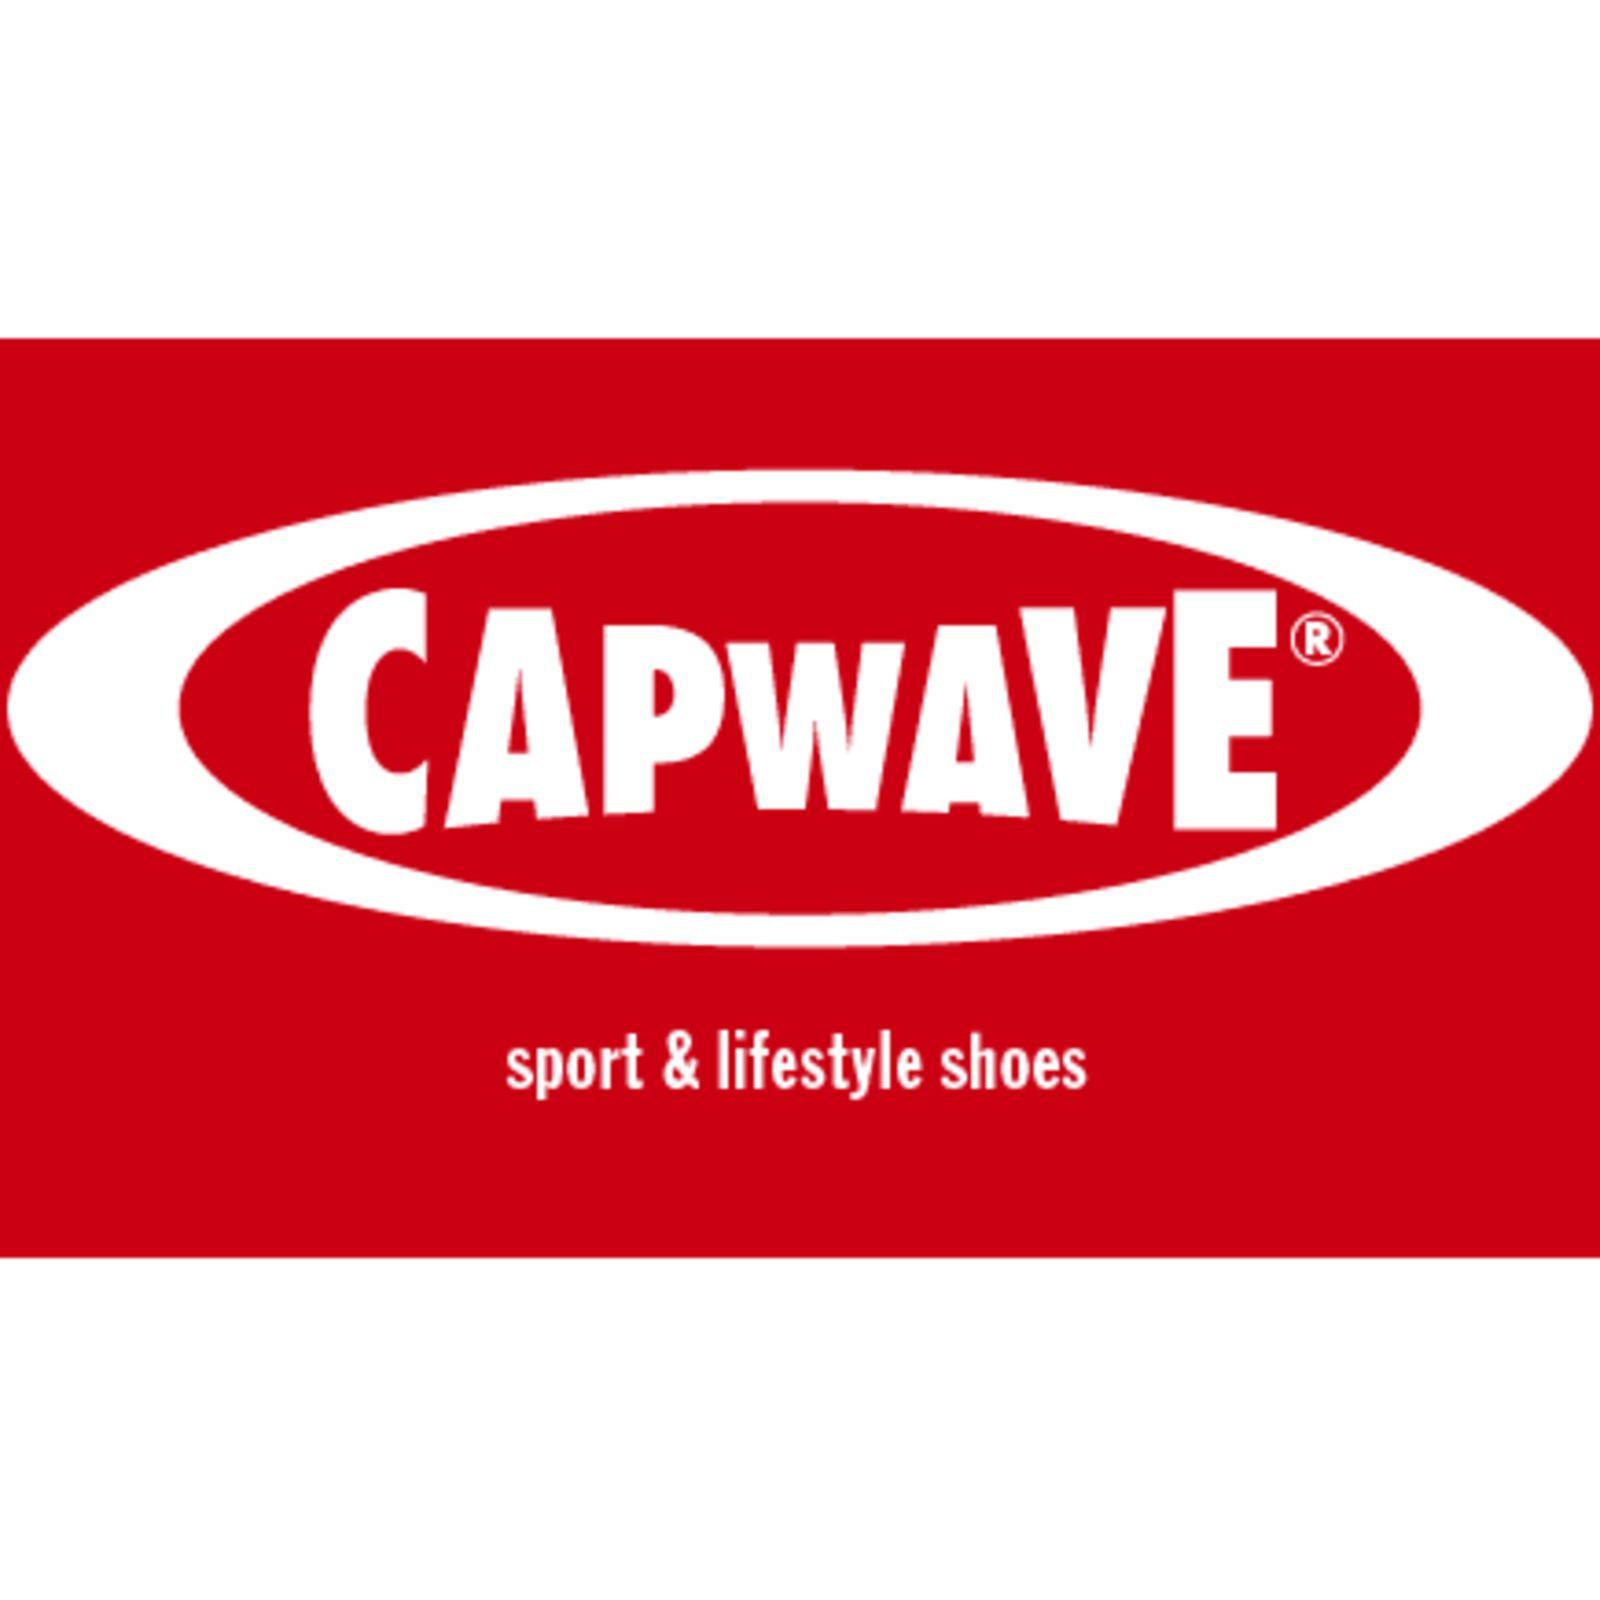 CAPWAVE®